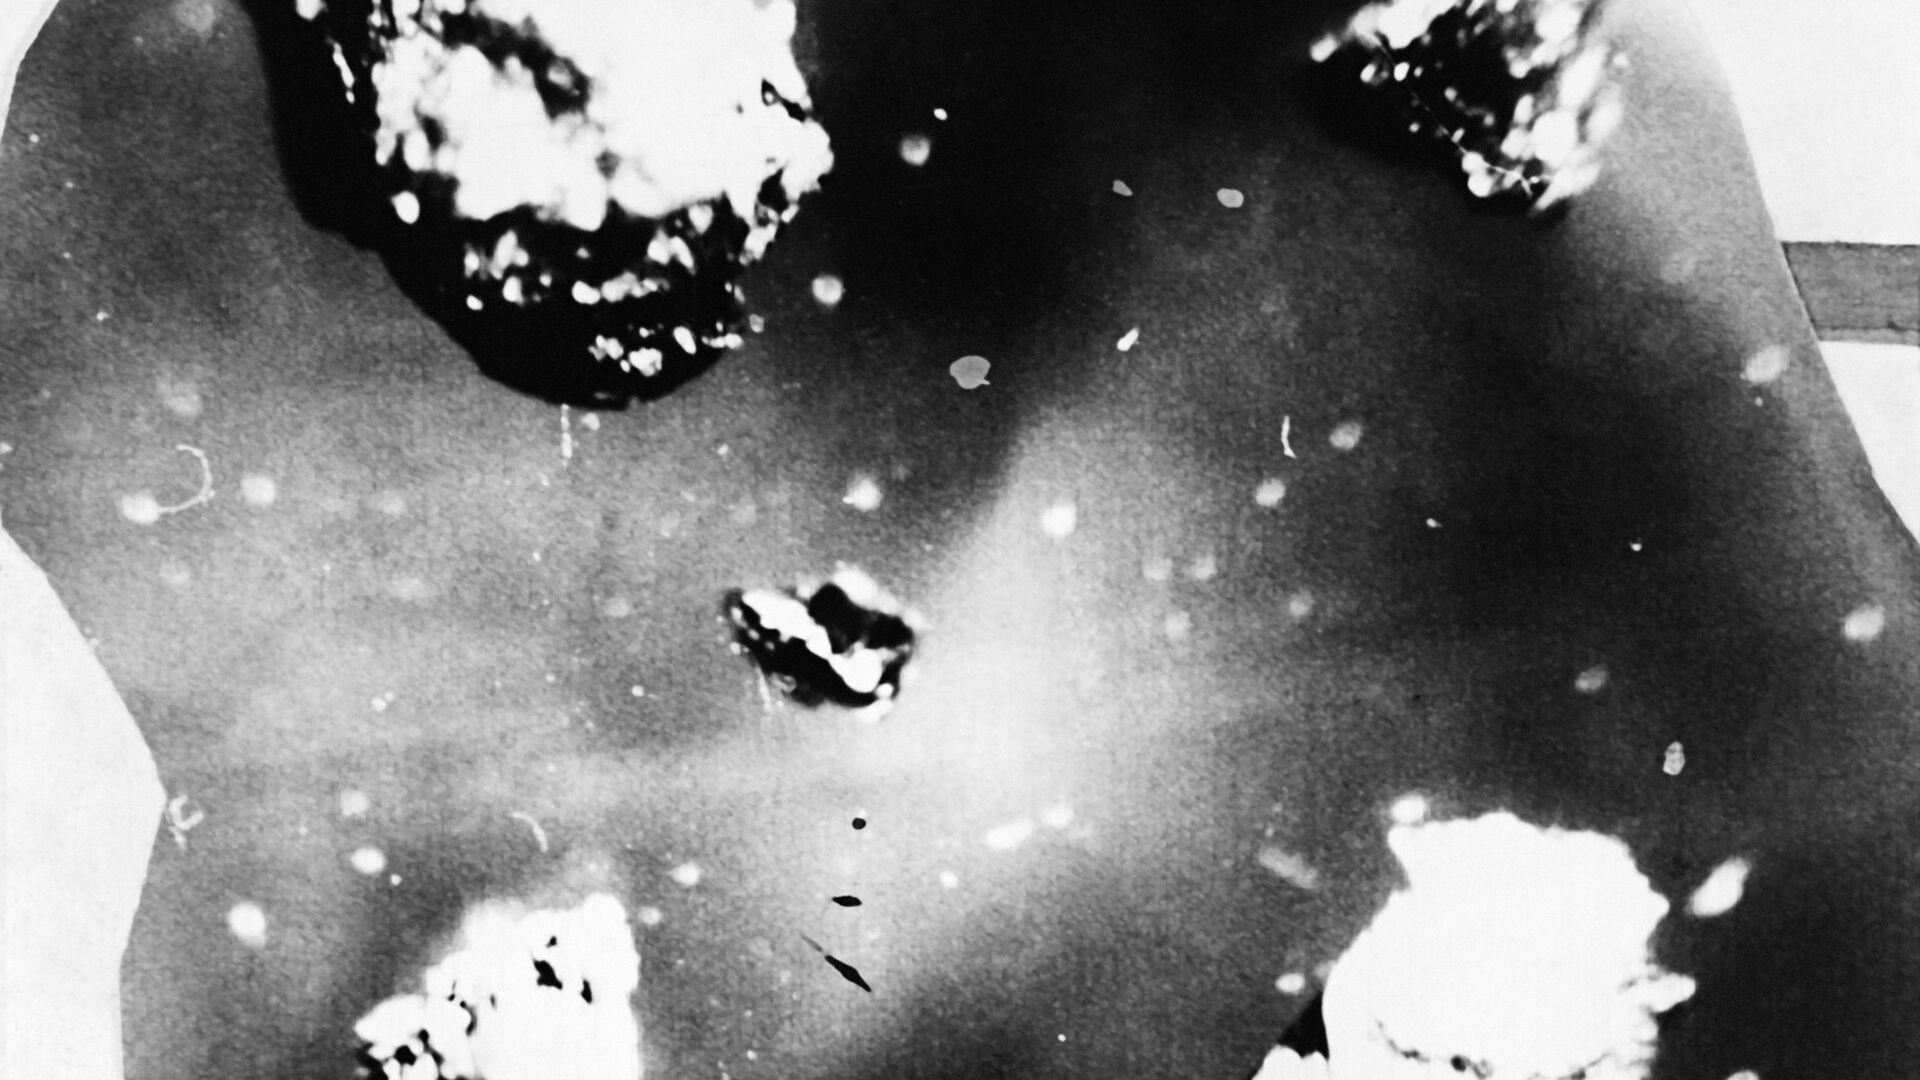 Dijamantno-grafitni spojevi sa mesta pada Tunguskog meteorita na reci Podkamenaja Tunguska u blizini sela Vanavara u Krasnojarskoj oblasti. - Sputnik Srbija, 1920, 26.09.2021